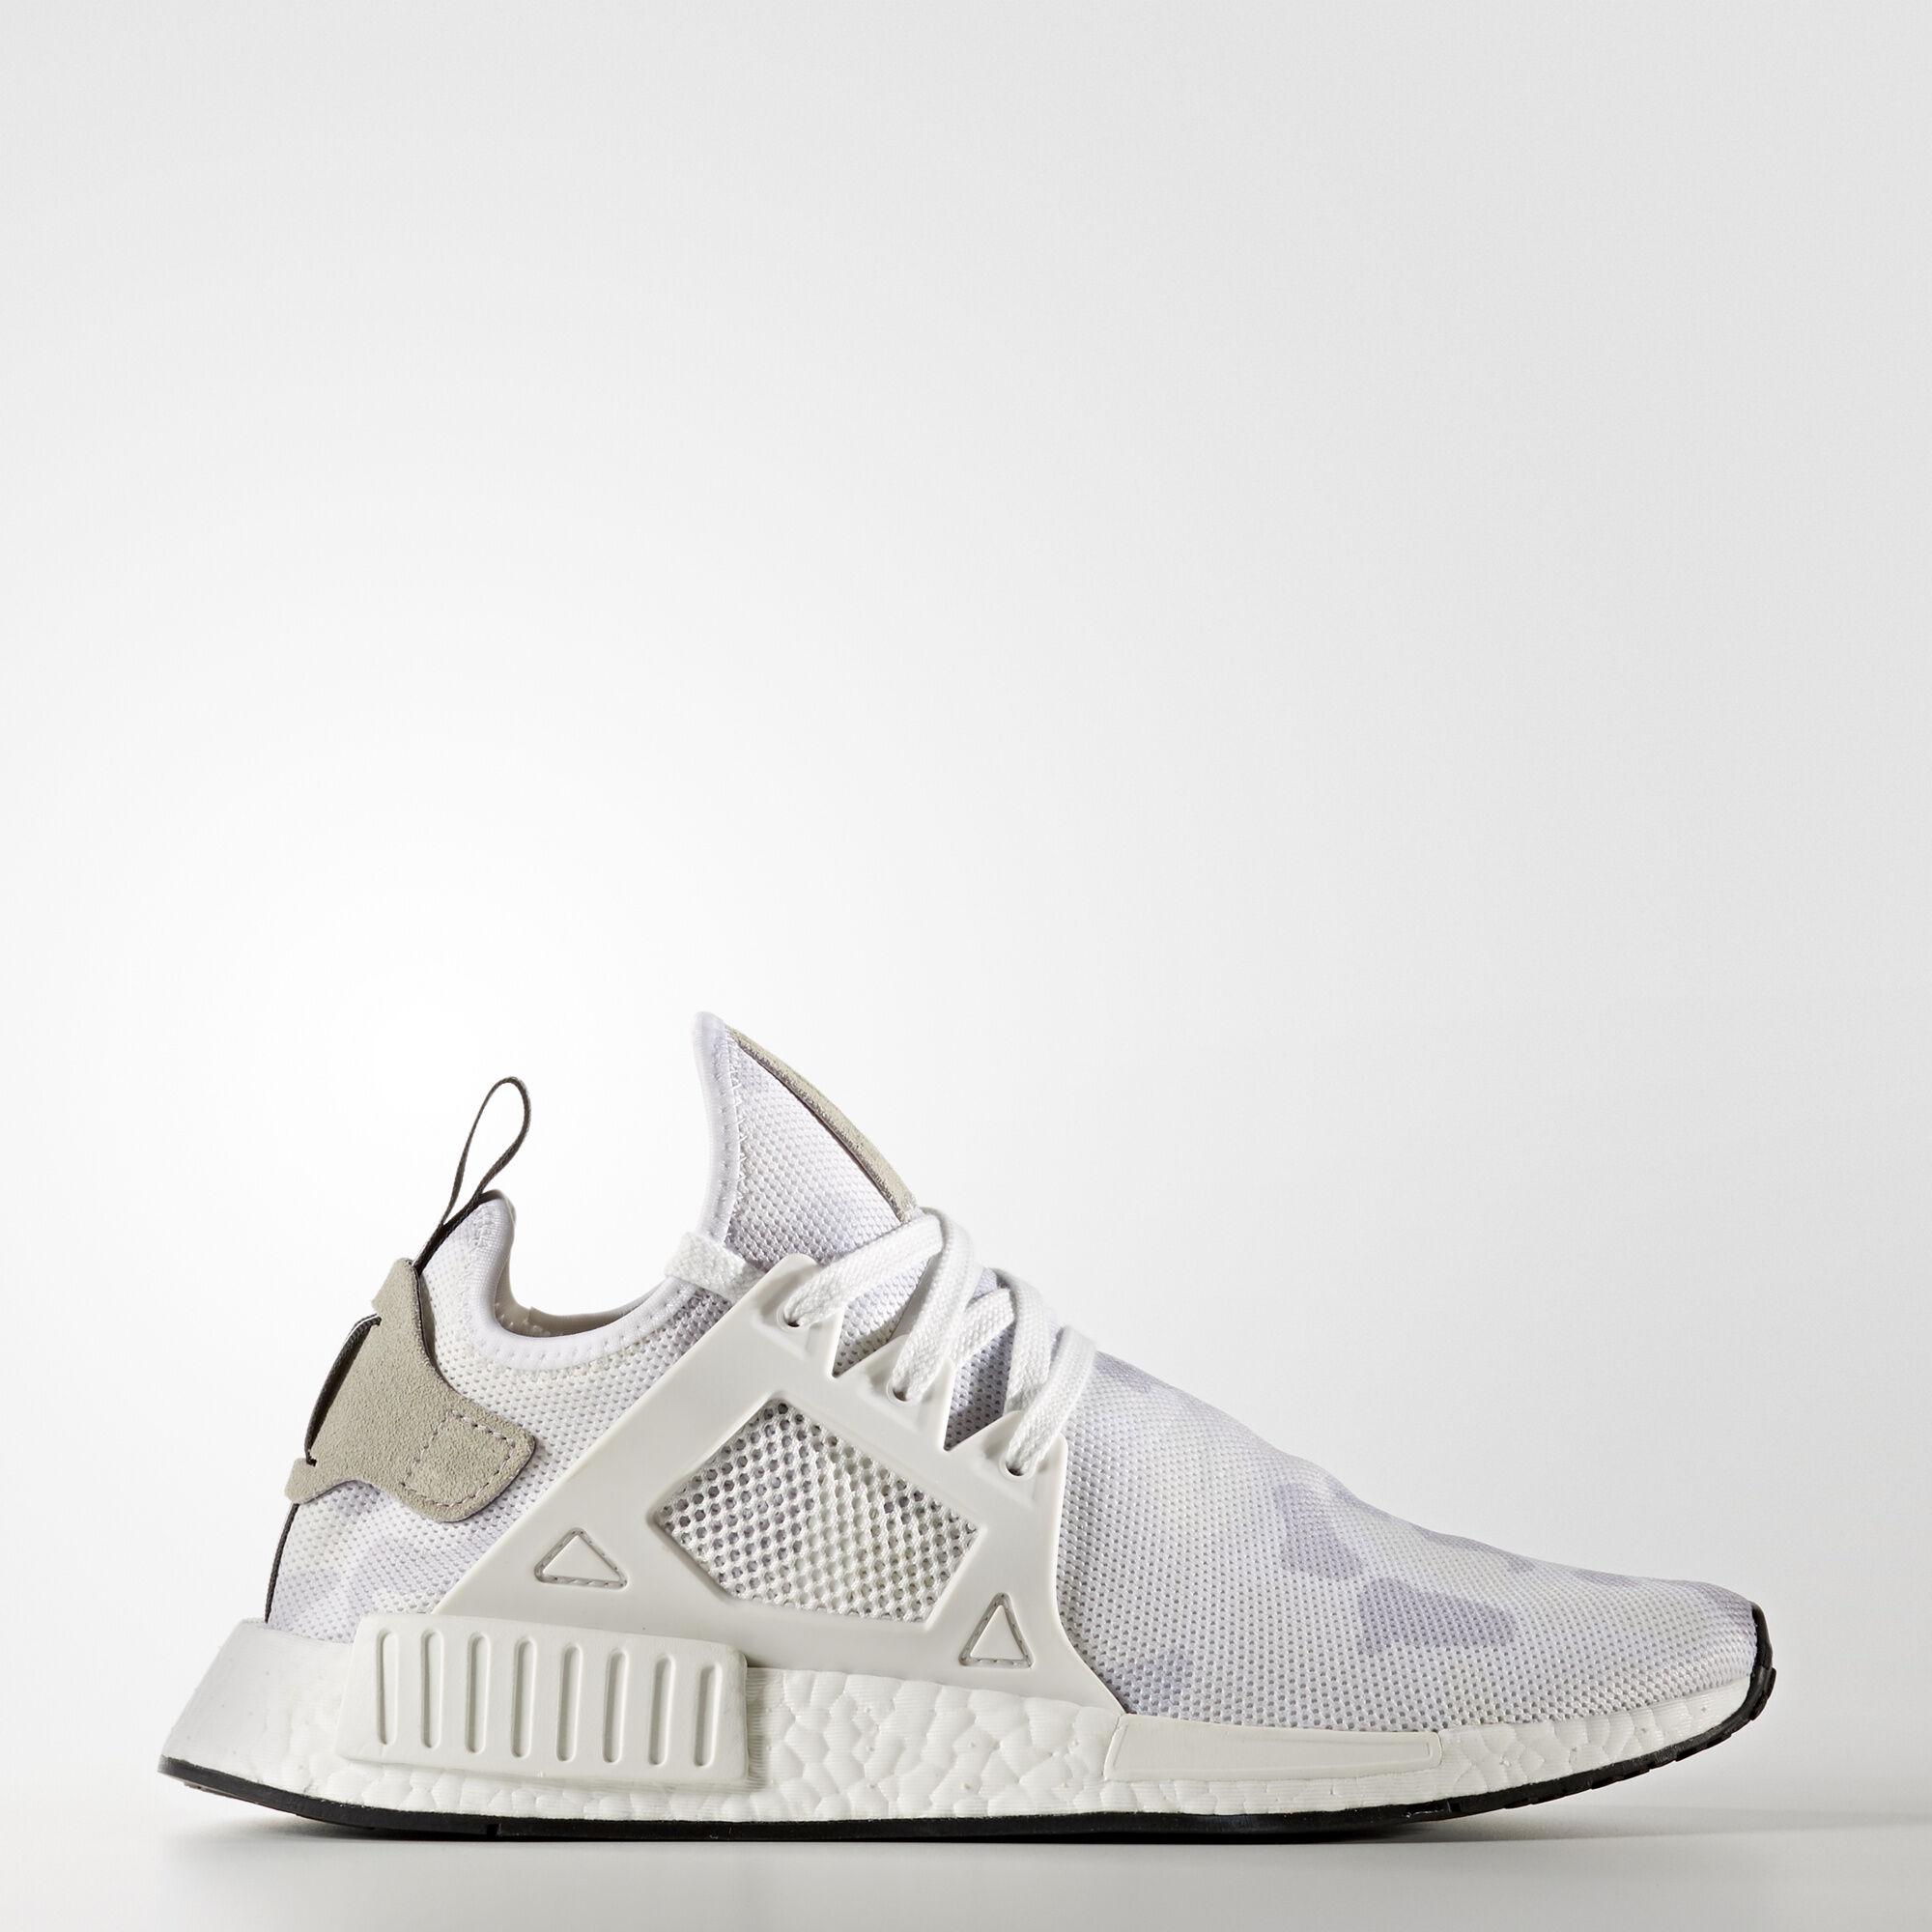 Adidas Schuhe Arten